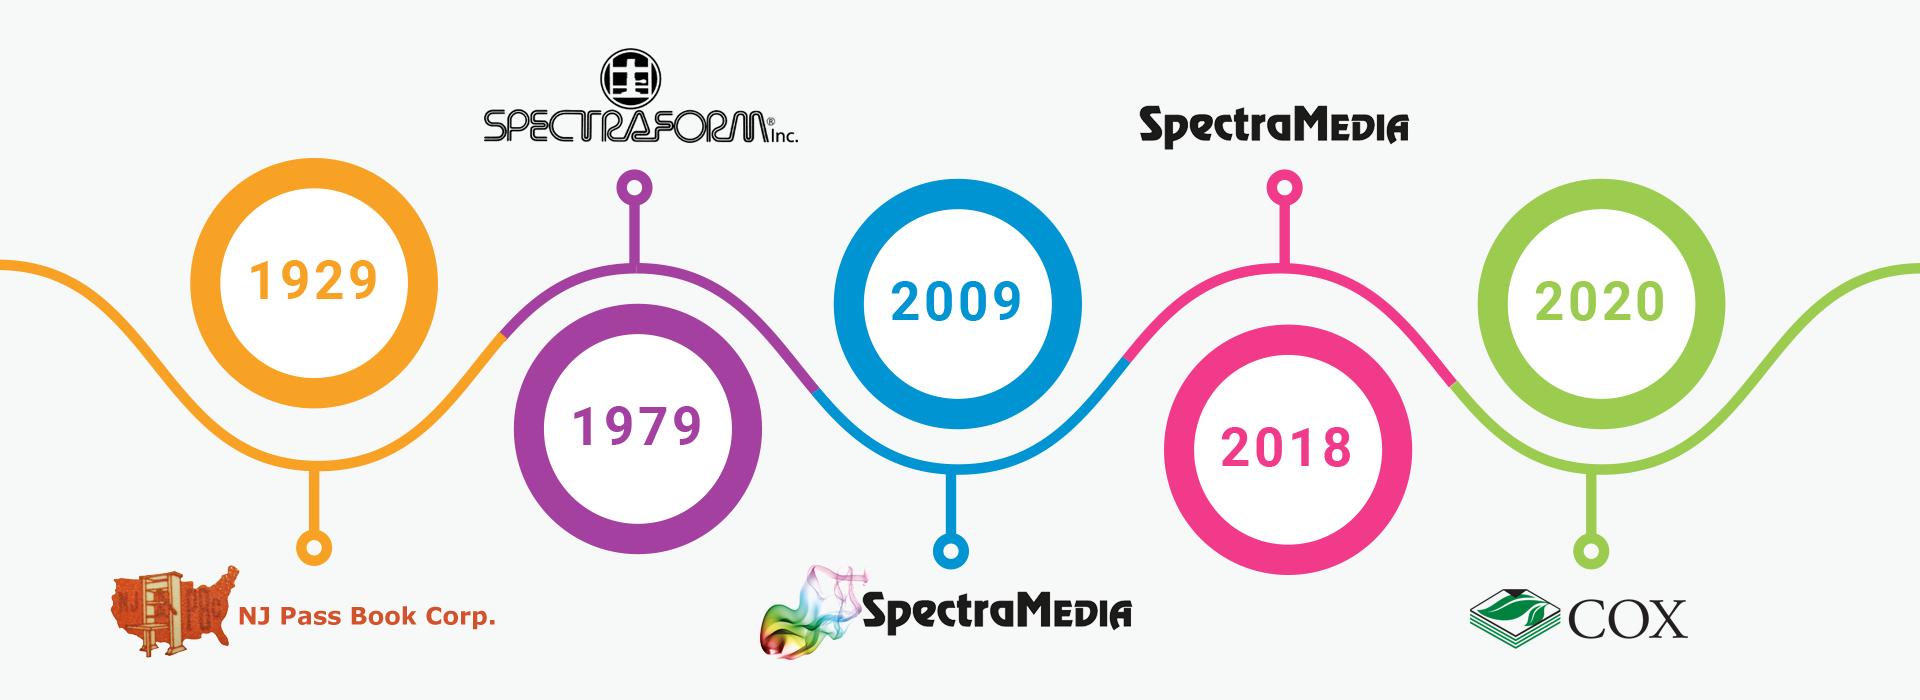 SM_Timelines_2020